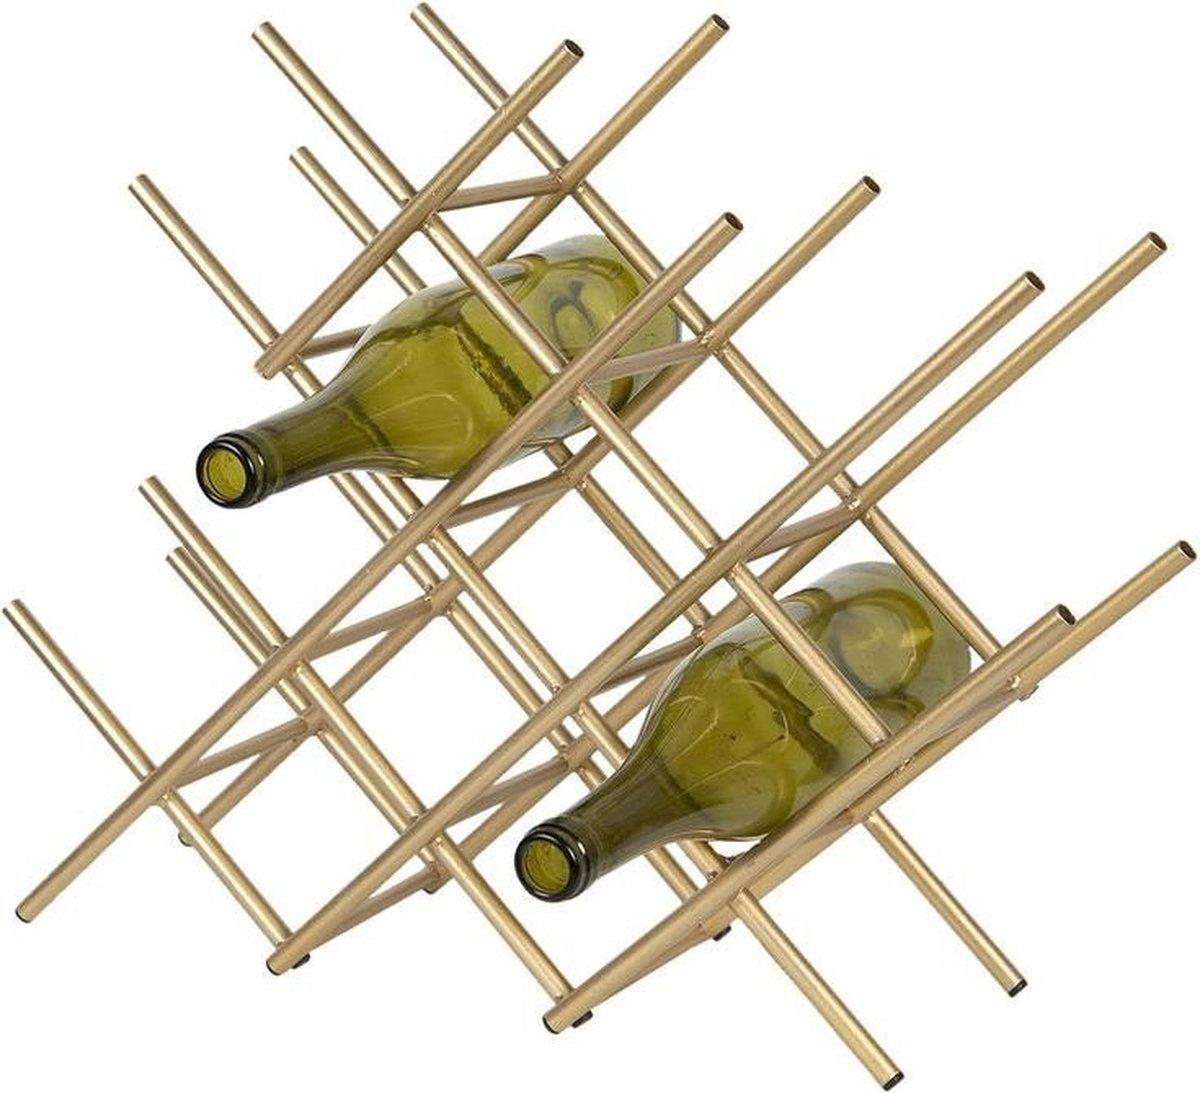 Industrieel Staand Wijnrek - Wijnrek - Wijnrek Van Metaal - Wijnen - Wijnrekje - Wijn - Wijnfles - Wijnkelder - Cadeau - Wijnfleshouder - Wijnhouder - Industrieel - Metaal - Goud - 47 cm breed